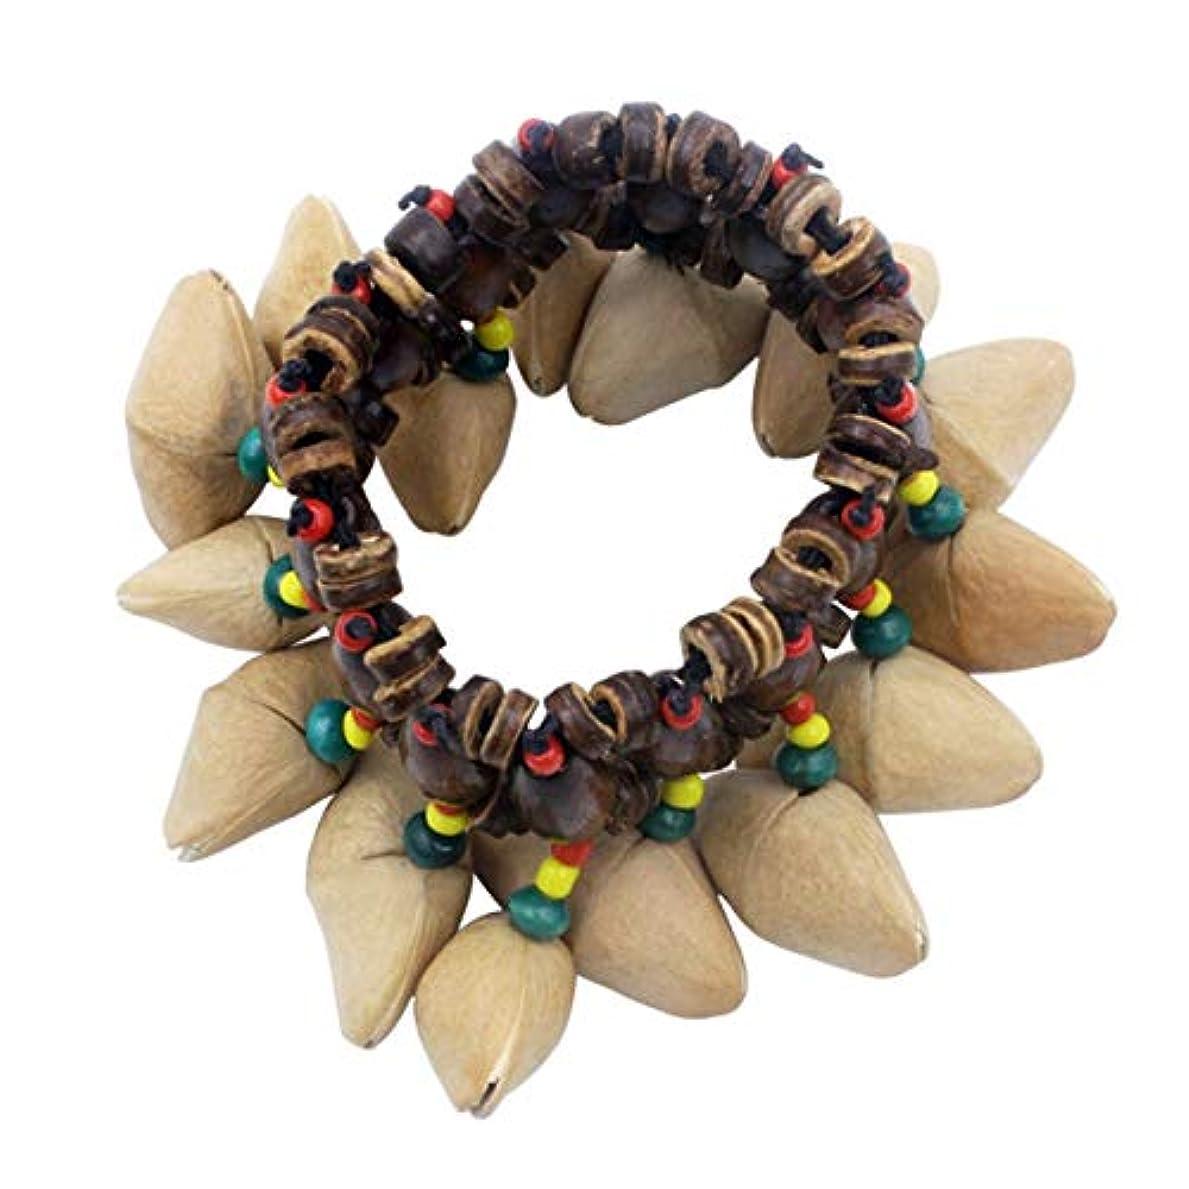 トラフィック別れる現在Dora Nutshell African Drum Hand Bell Drum Musical Instrument Bell Accessories-Wood Color